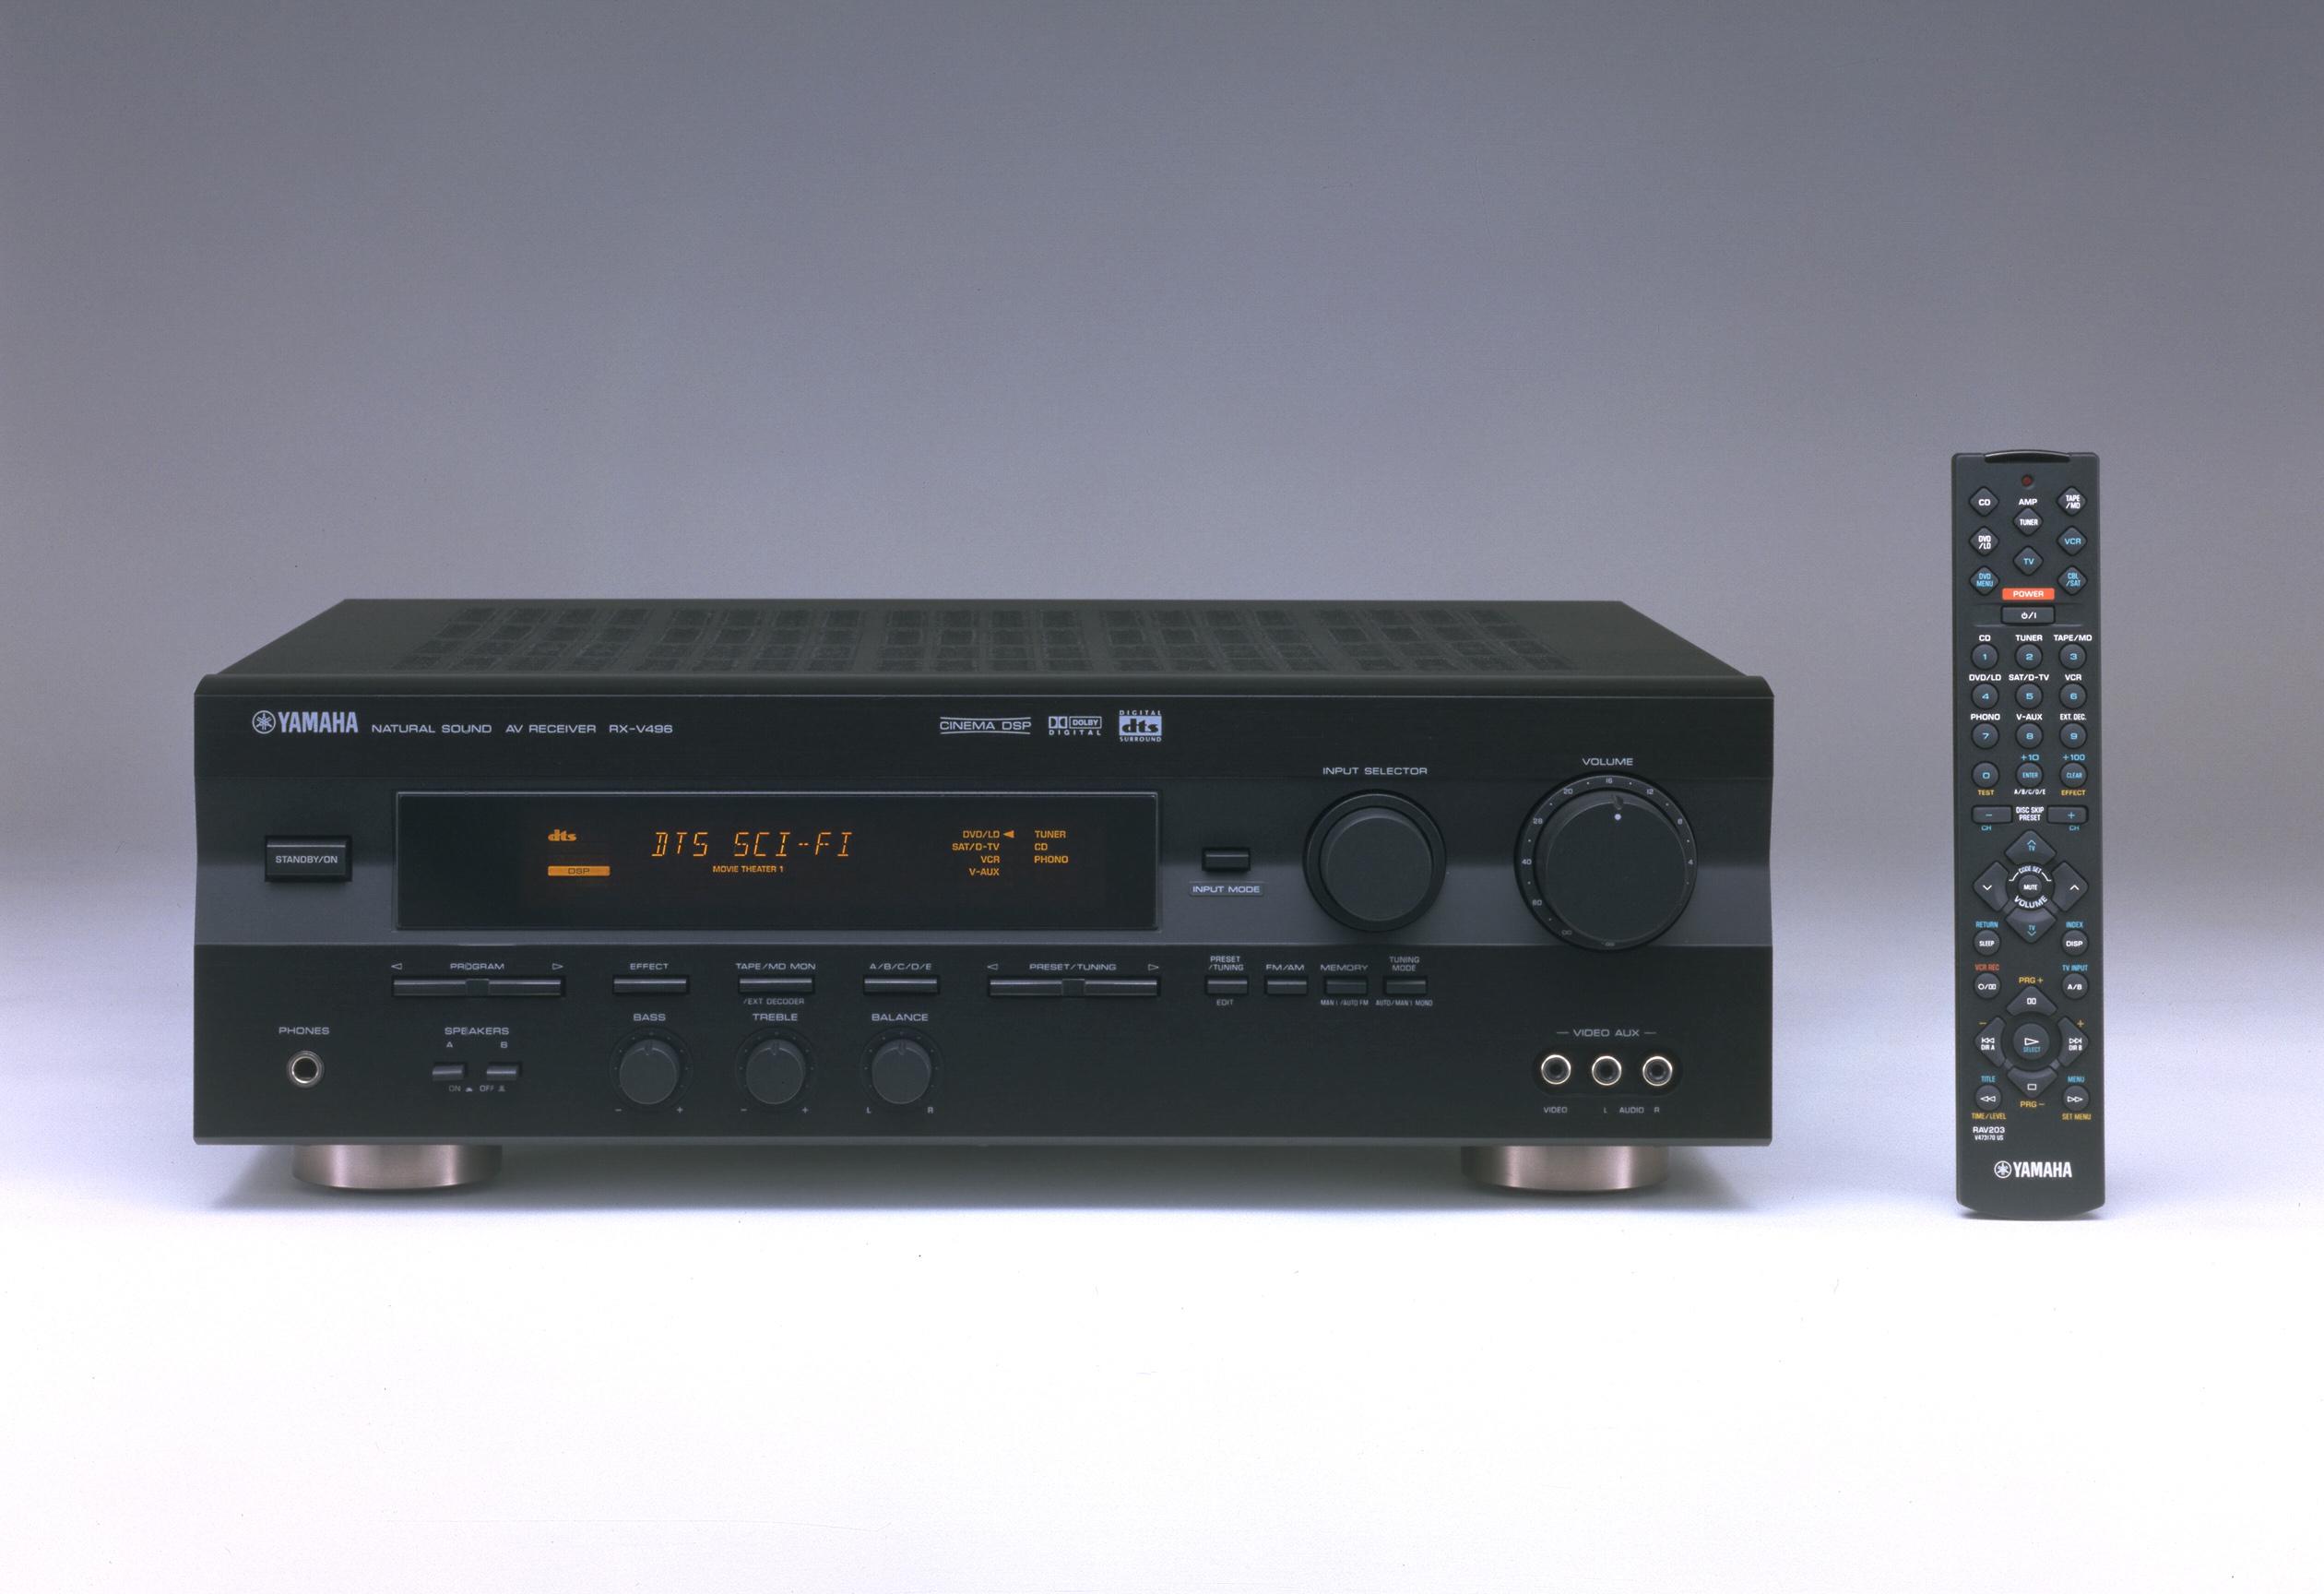 Yamaha Brasil Audio